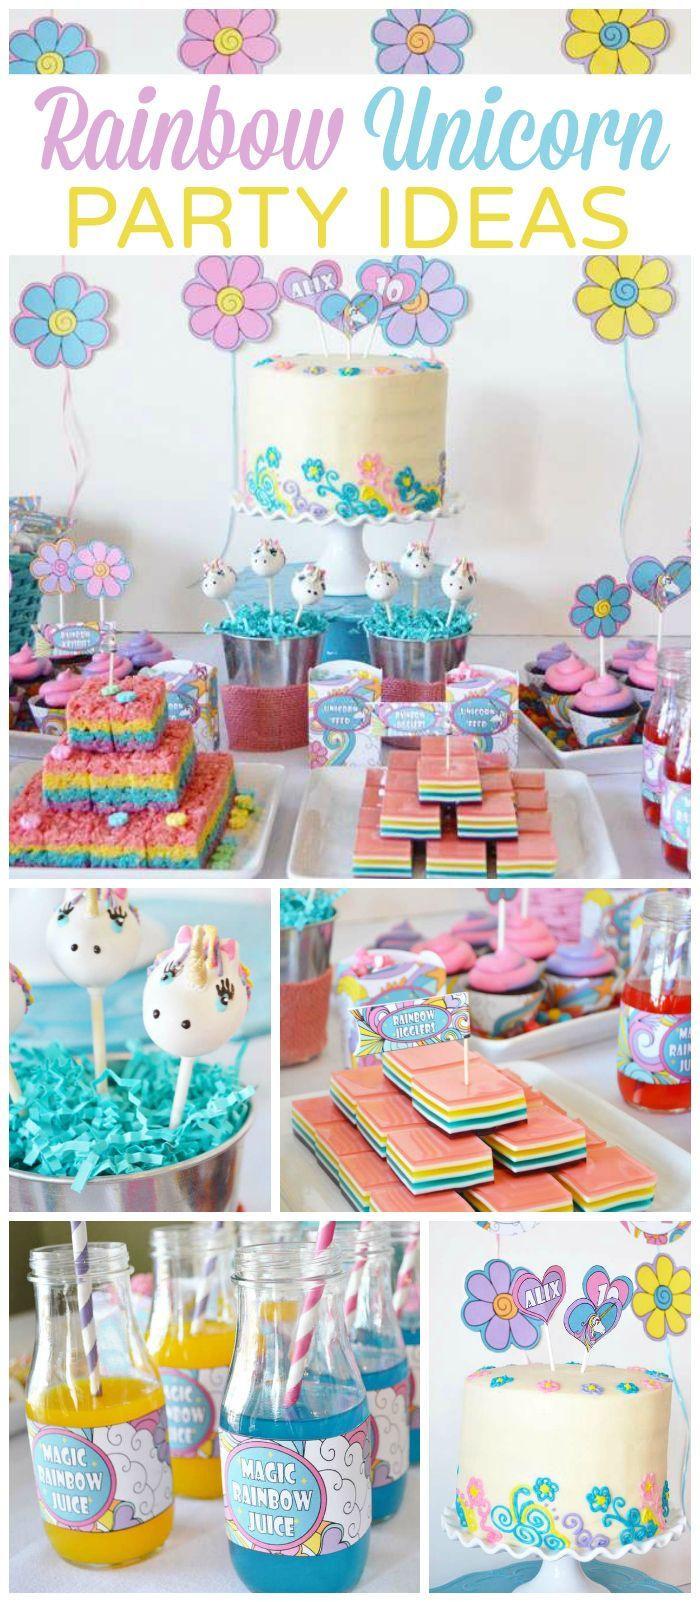 Rainbow Unicorn Birthday Party Ideas  25 best ideas about Rainbow unicorn on Pinterest